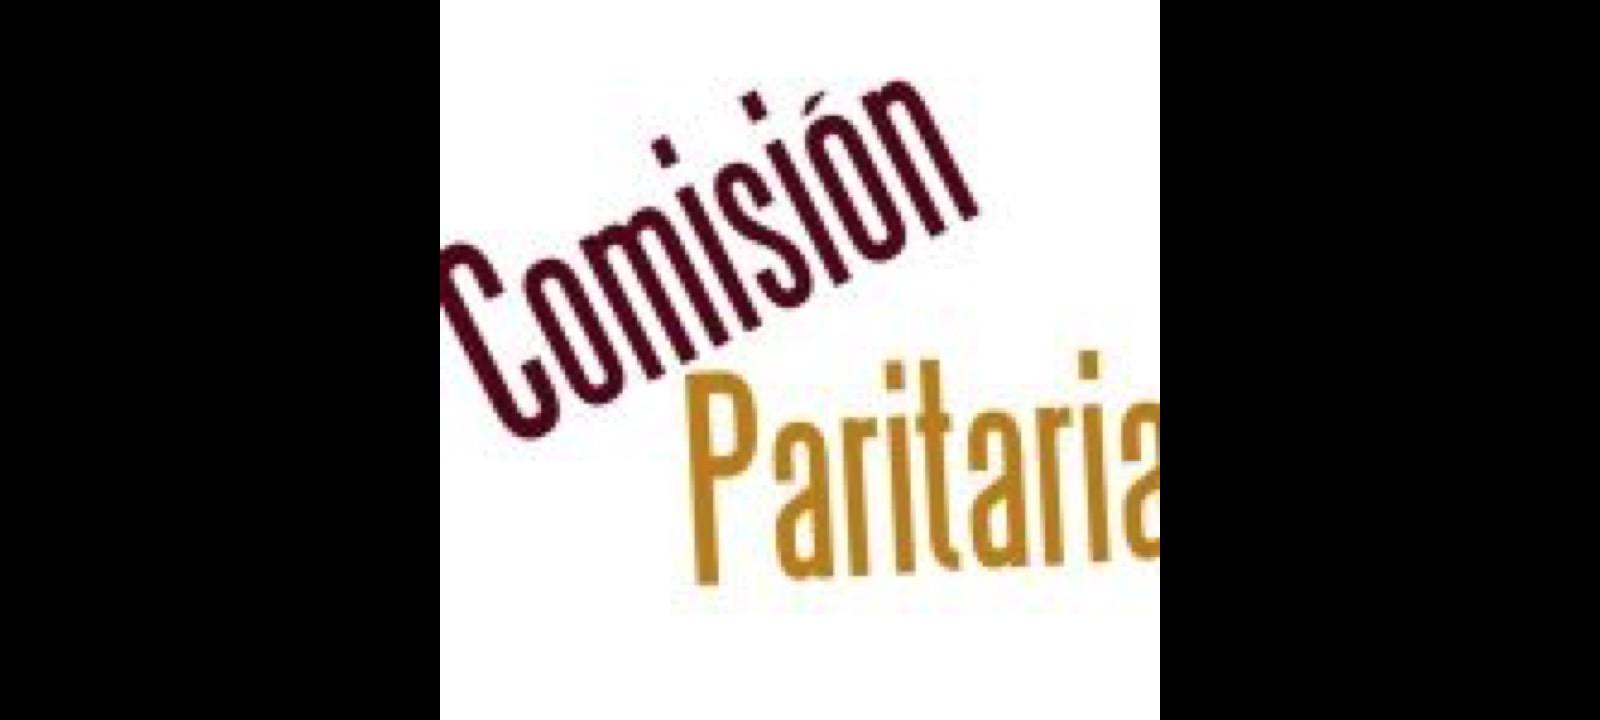 Comisión Paritaria de interpretación del VIII Convenio Colectivo de Personal Laboral JCCM (22/10/2019)